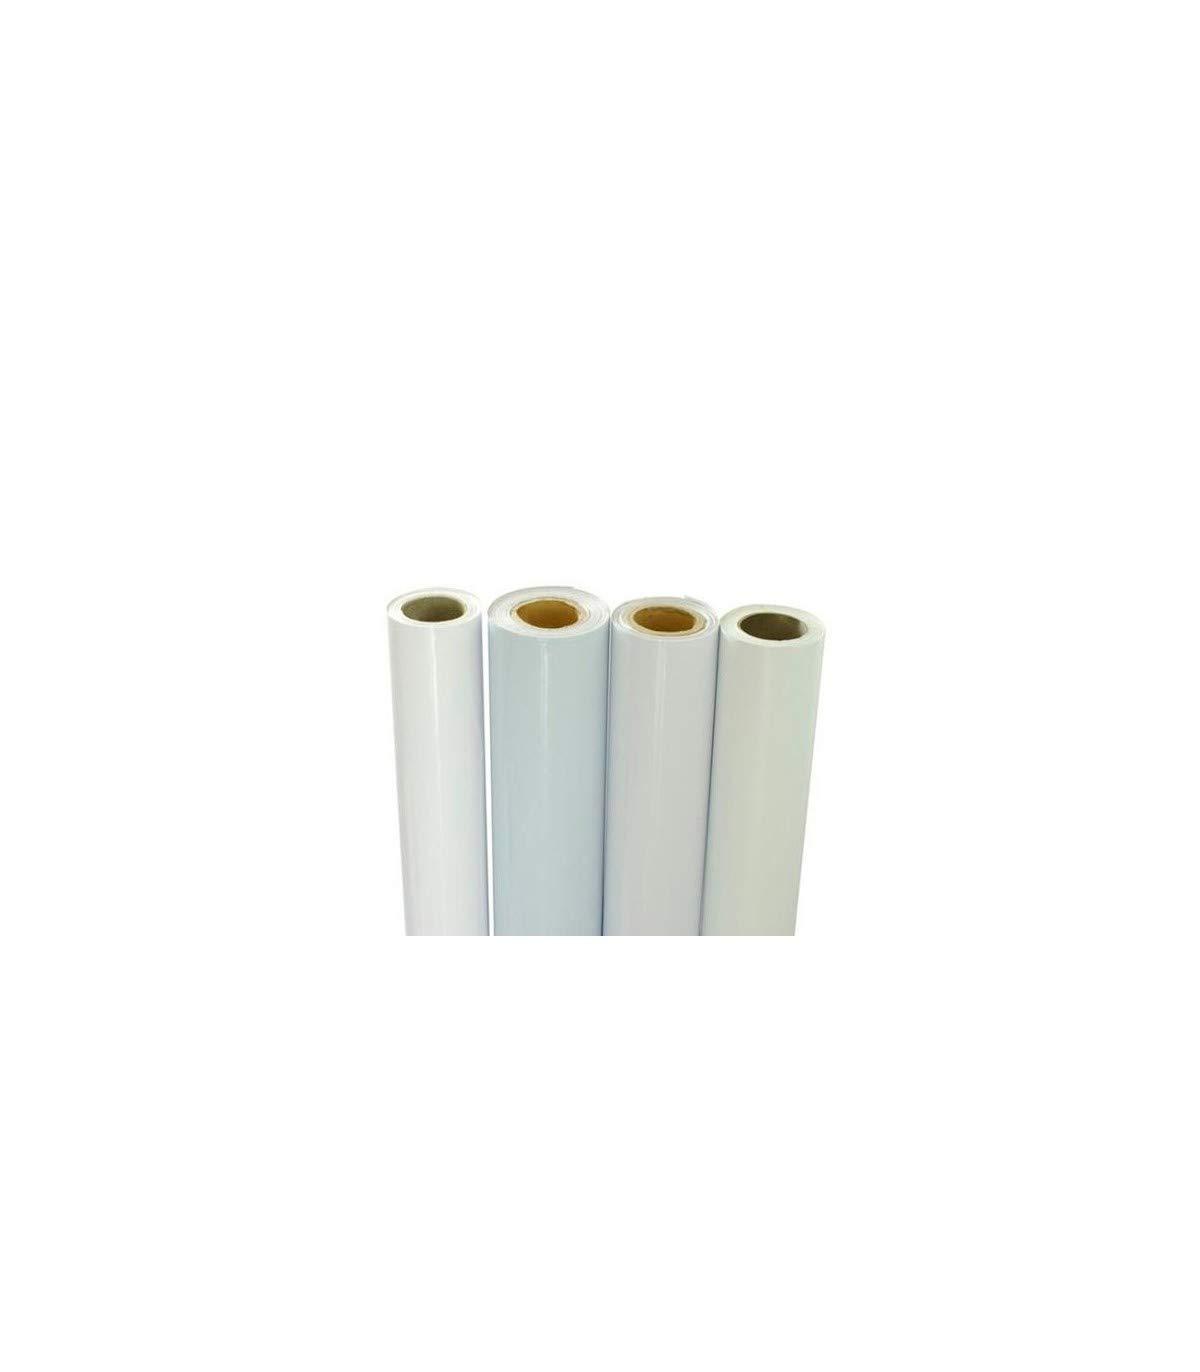 Wonduu Bobina Vinilo Monomérico Blanco Impresión 120g Rh-6201 1,37 ...